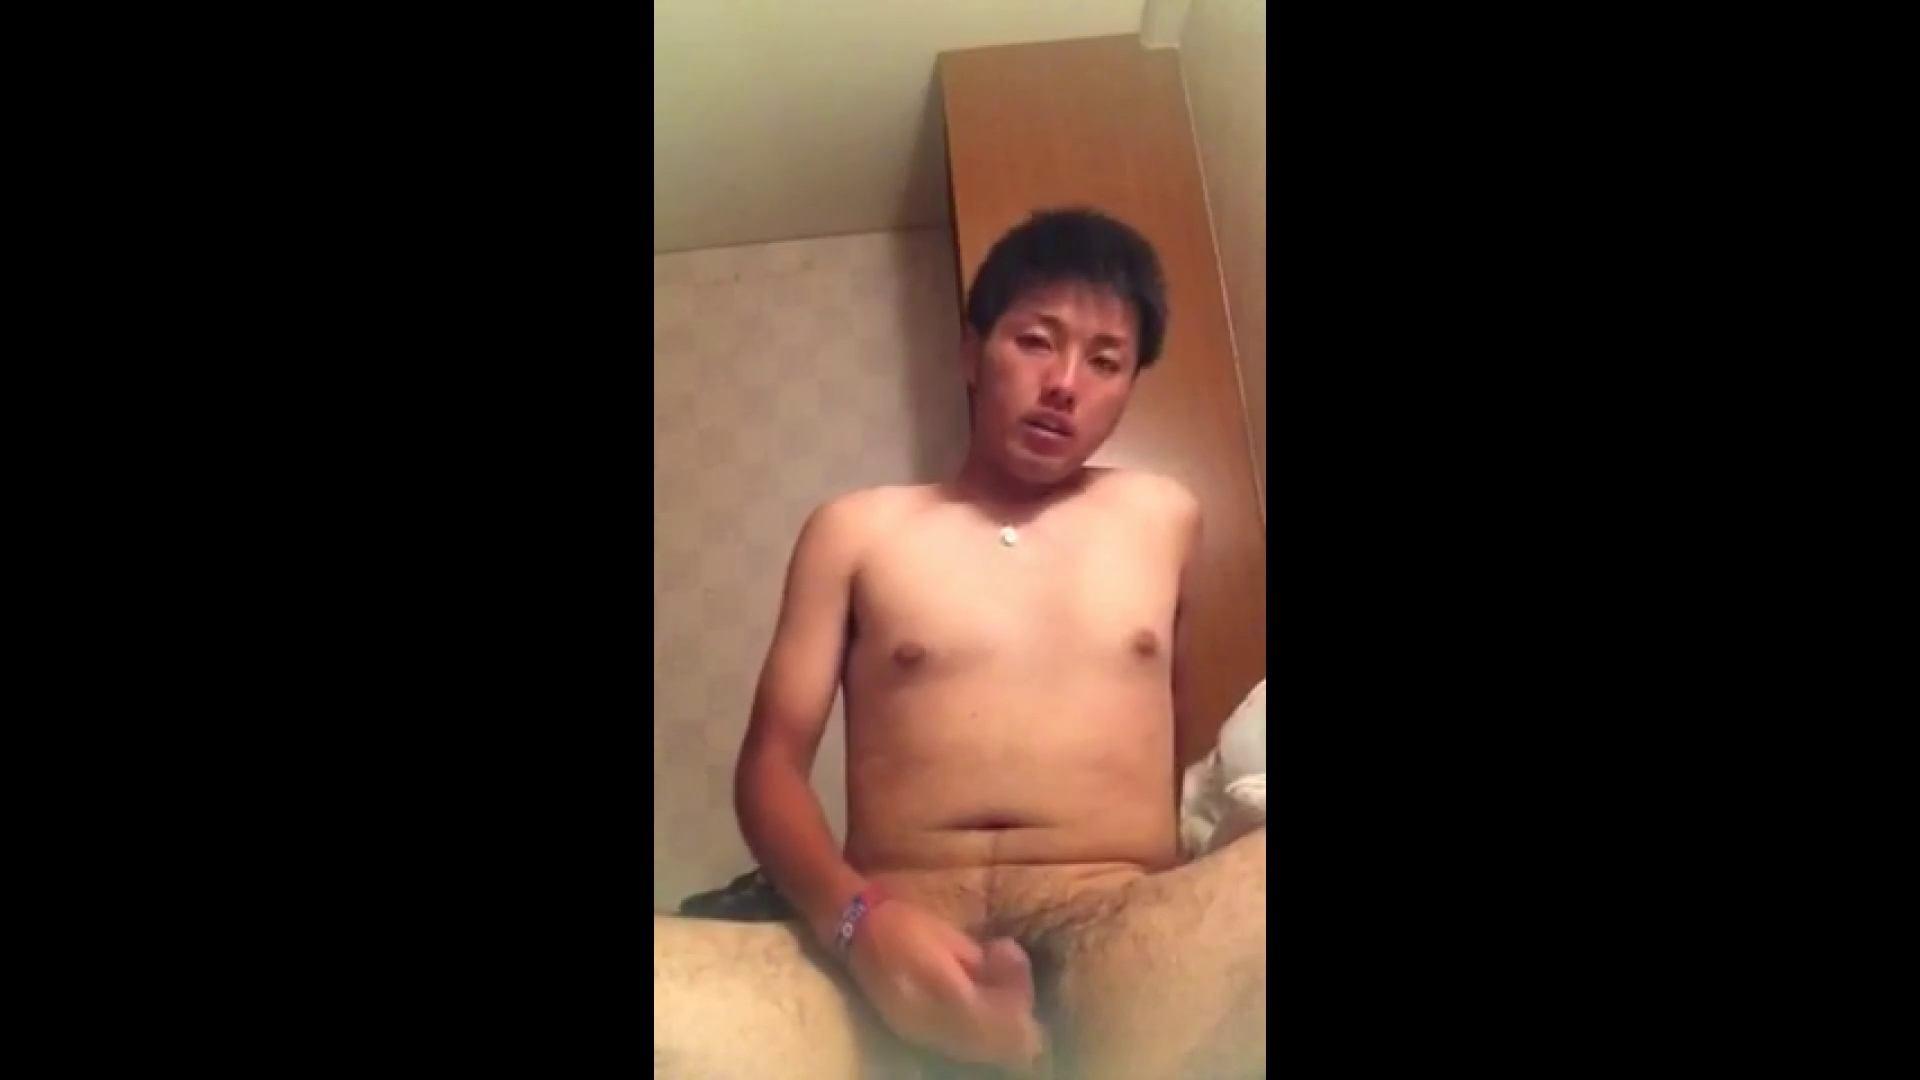 キター!ノンケちゃんオナニー特集vol.29 ノンケ天国 ゲイアダルト画像 107pic 4